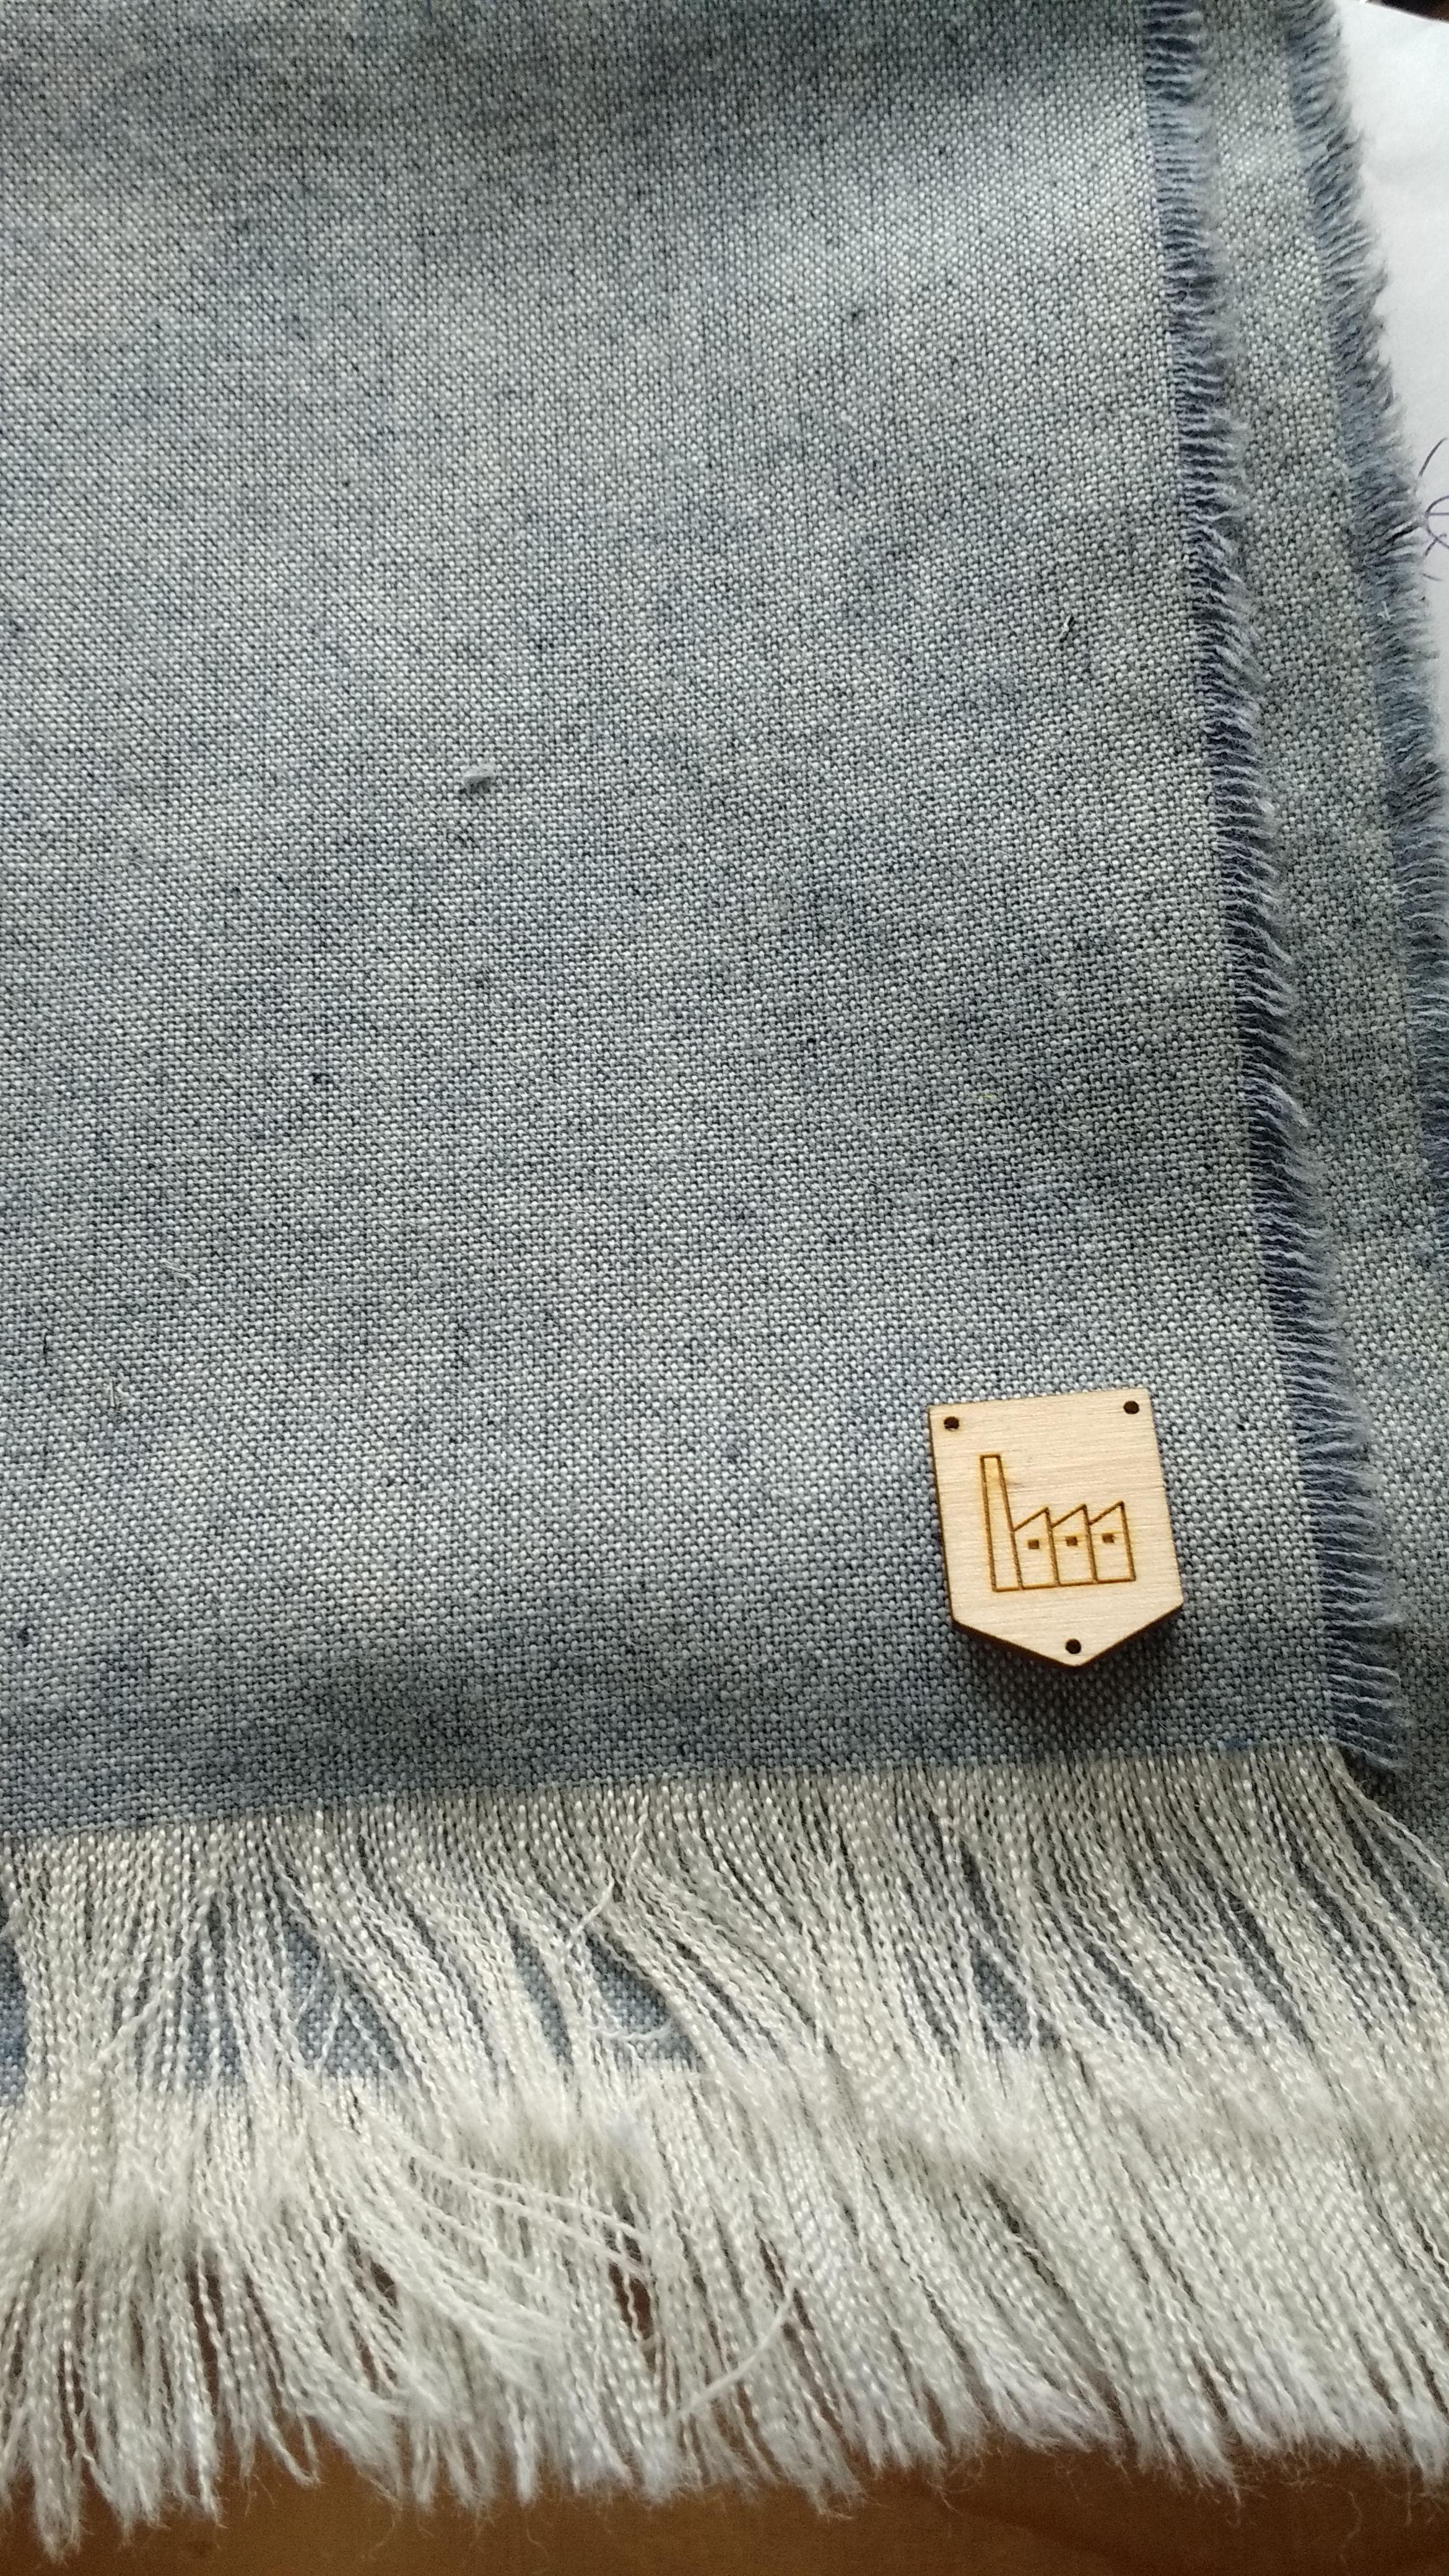 sjaals gemeente enschede detail